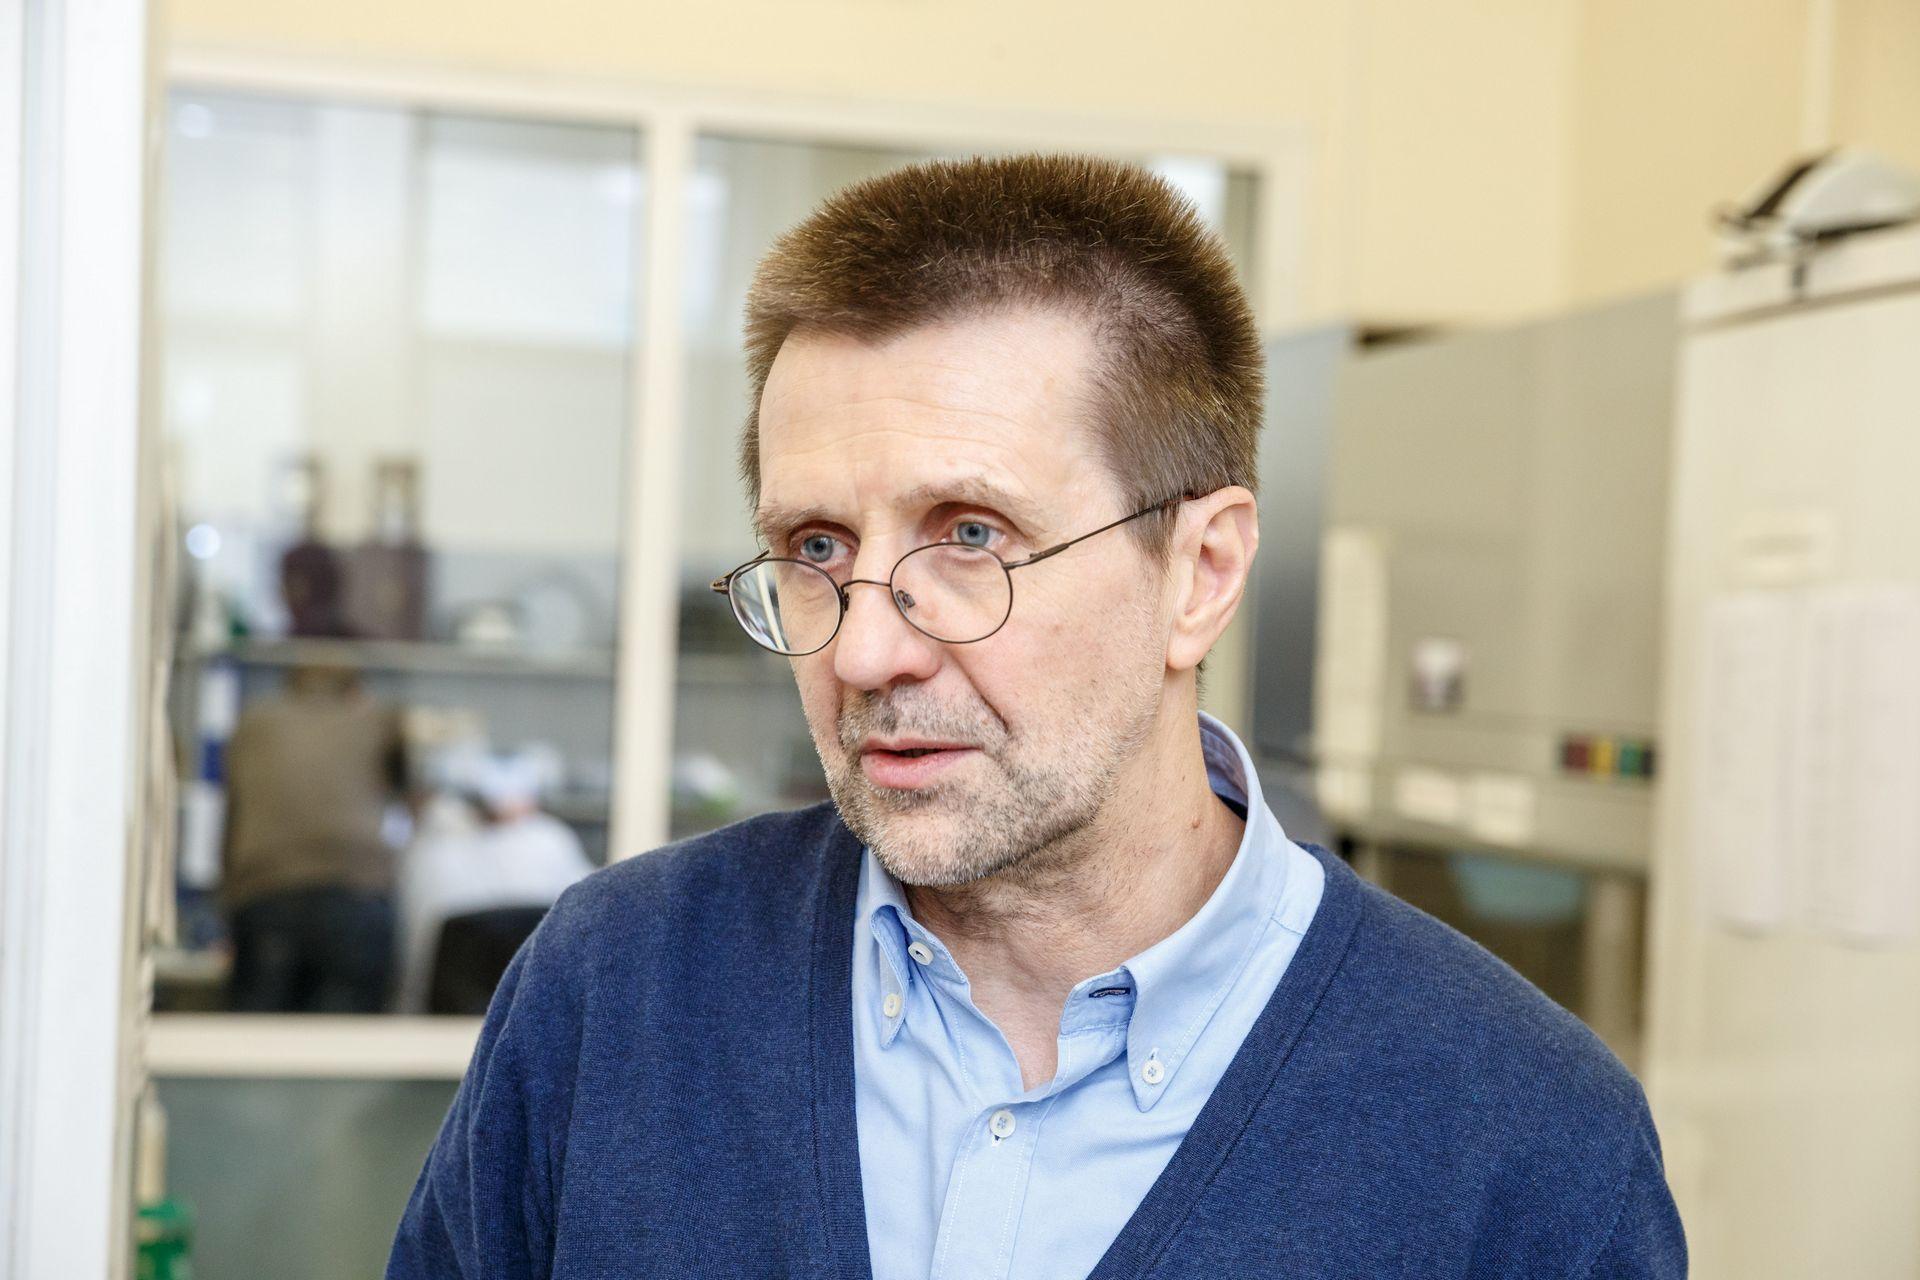 Pasaulio mokslininkai pirmą kartą sėkmingai panaudojo Šikšnio plėtotas DNR žirkles